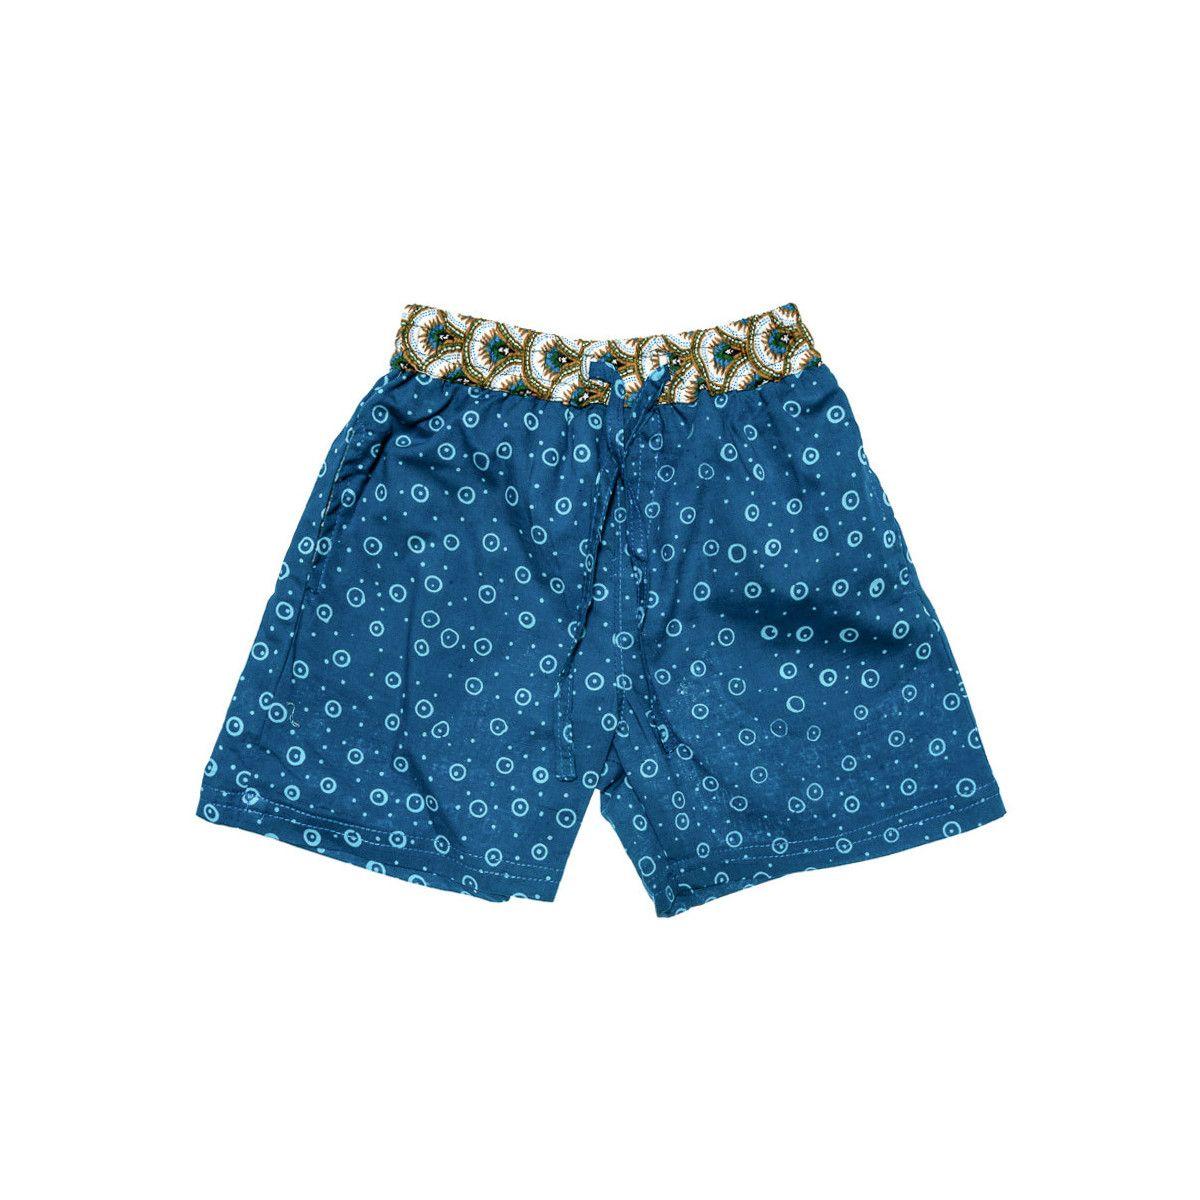 Short de bain coton enfant 2-8 ans bleu foncé et vert kaki